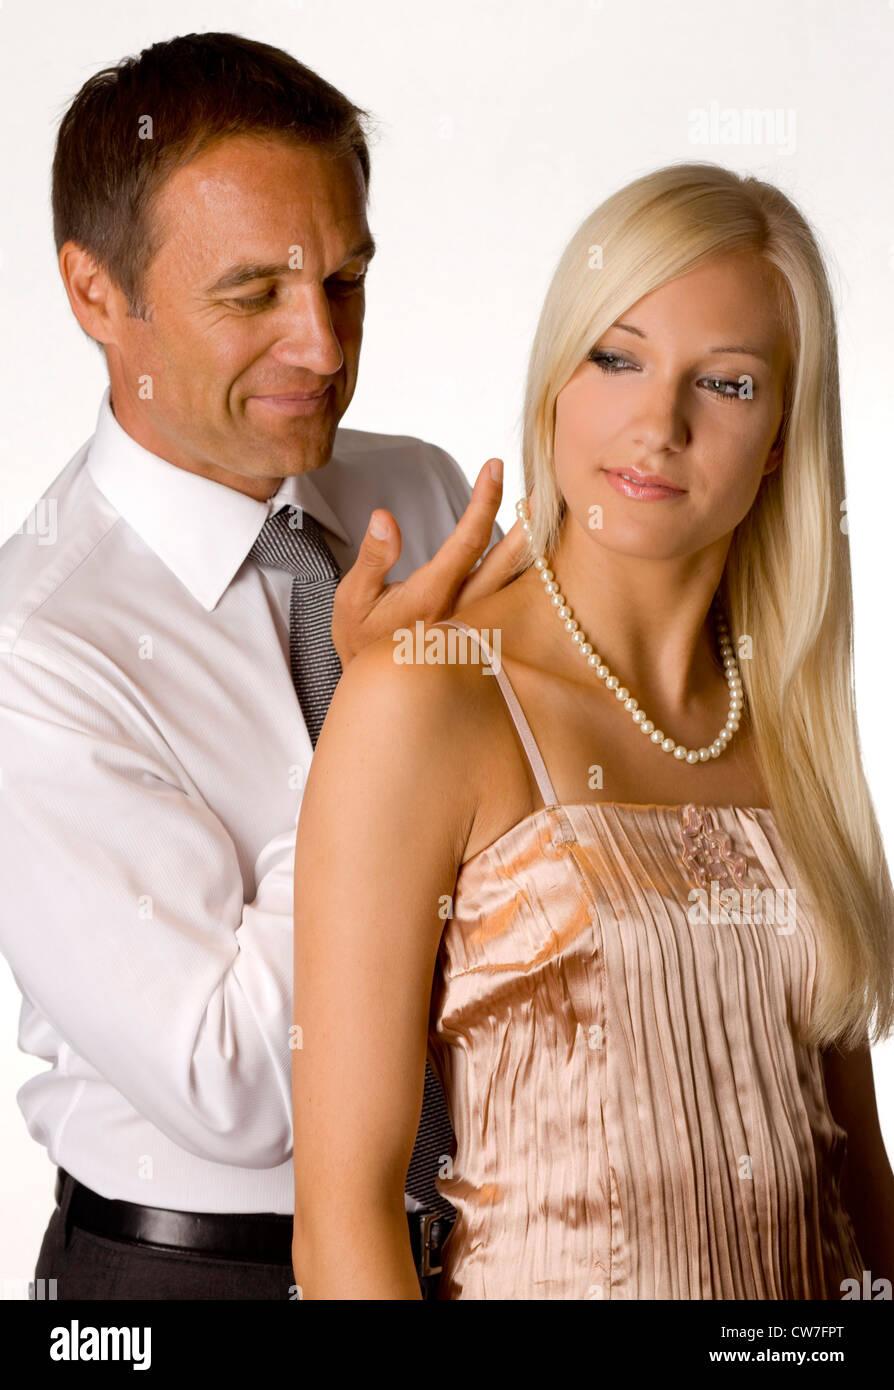 Jüngeres Mädchen älterer Mann Dating-Seiten